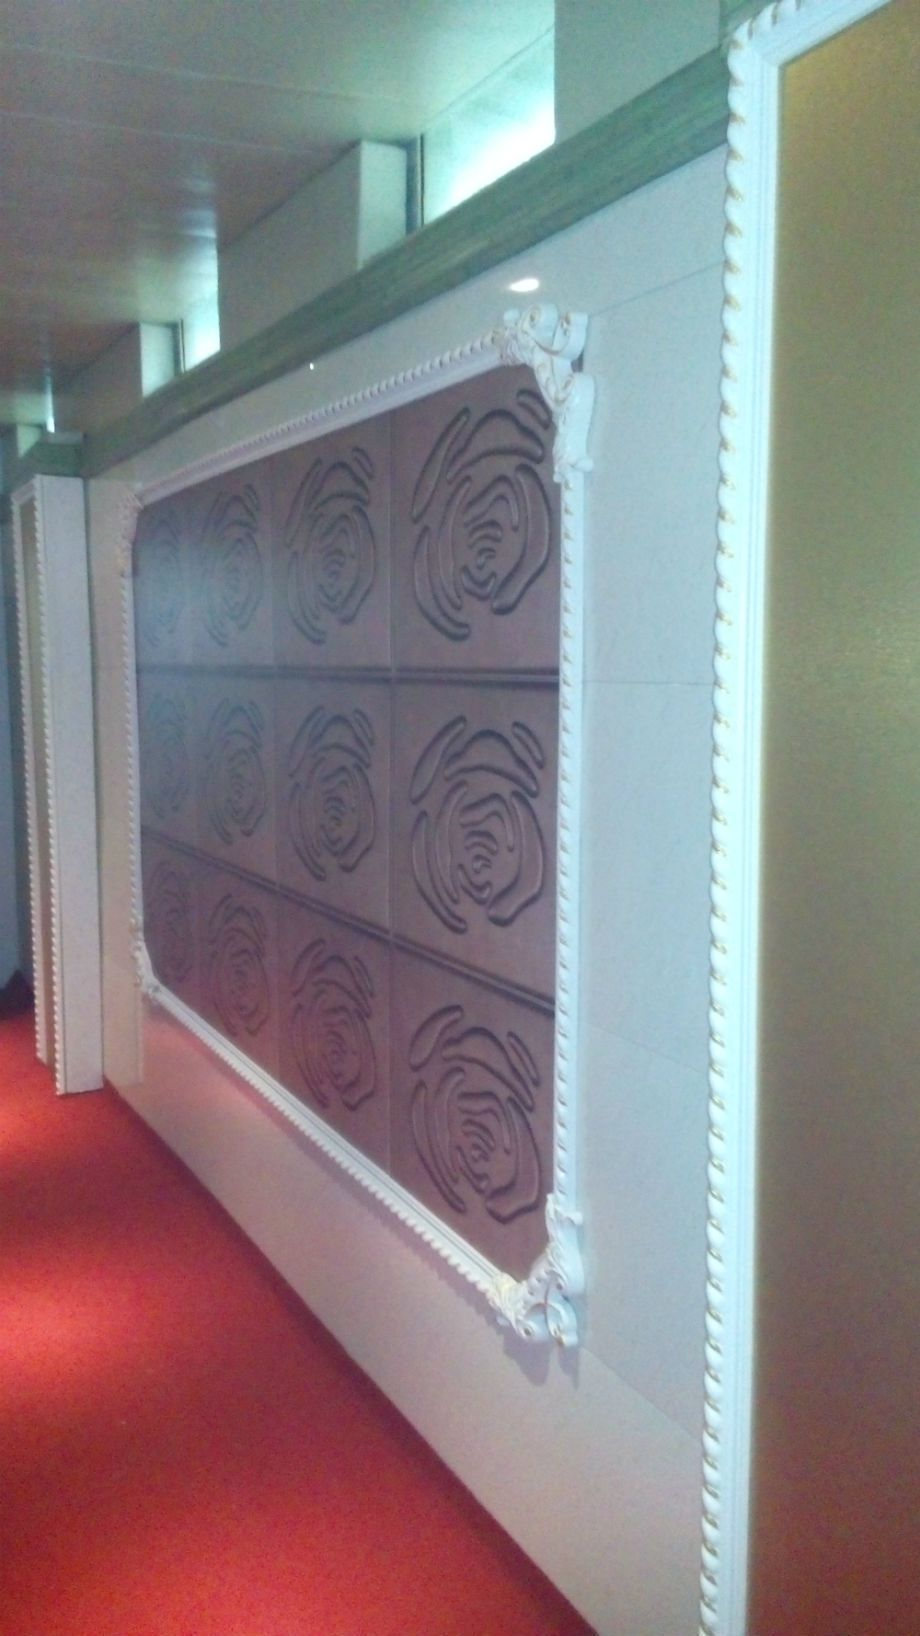 商家:   上海索恒建筑装饰材料有限公司   认证:   普通商高清图片